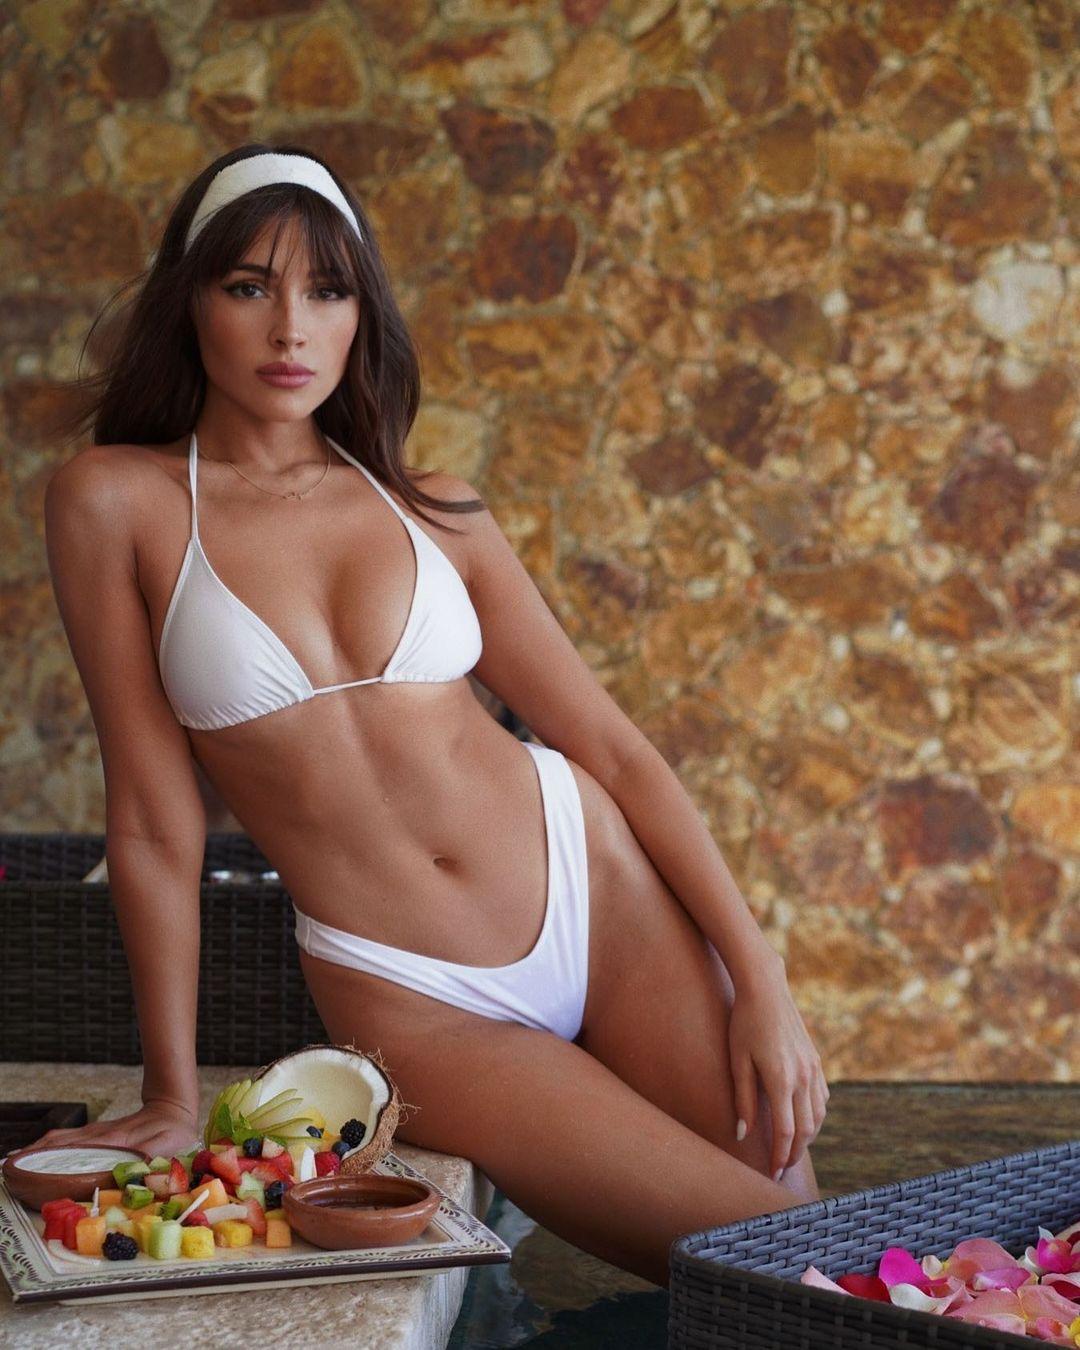 28-летняя Оливия Калпо щеголяет подтянутым прессом в белом бикини